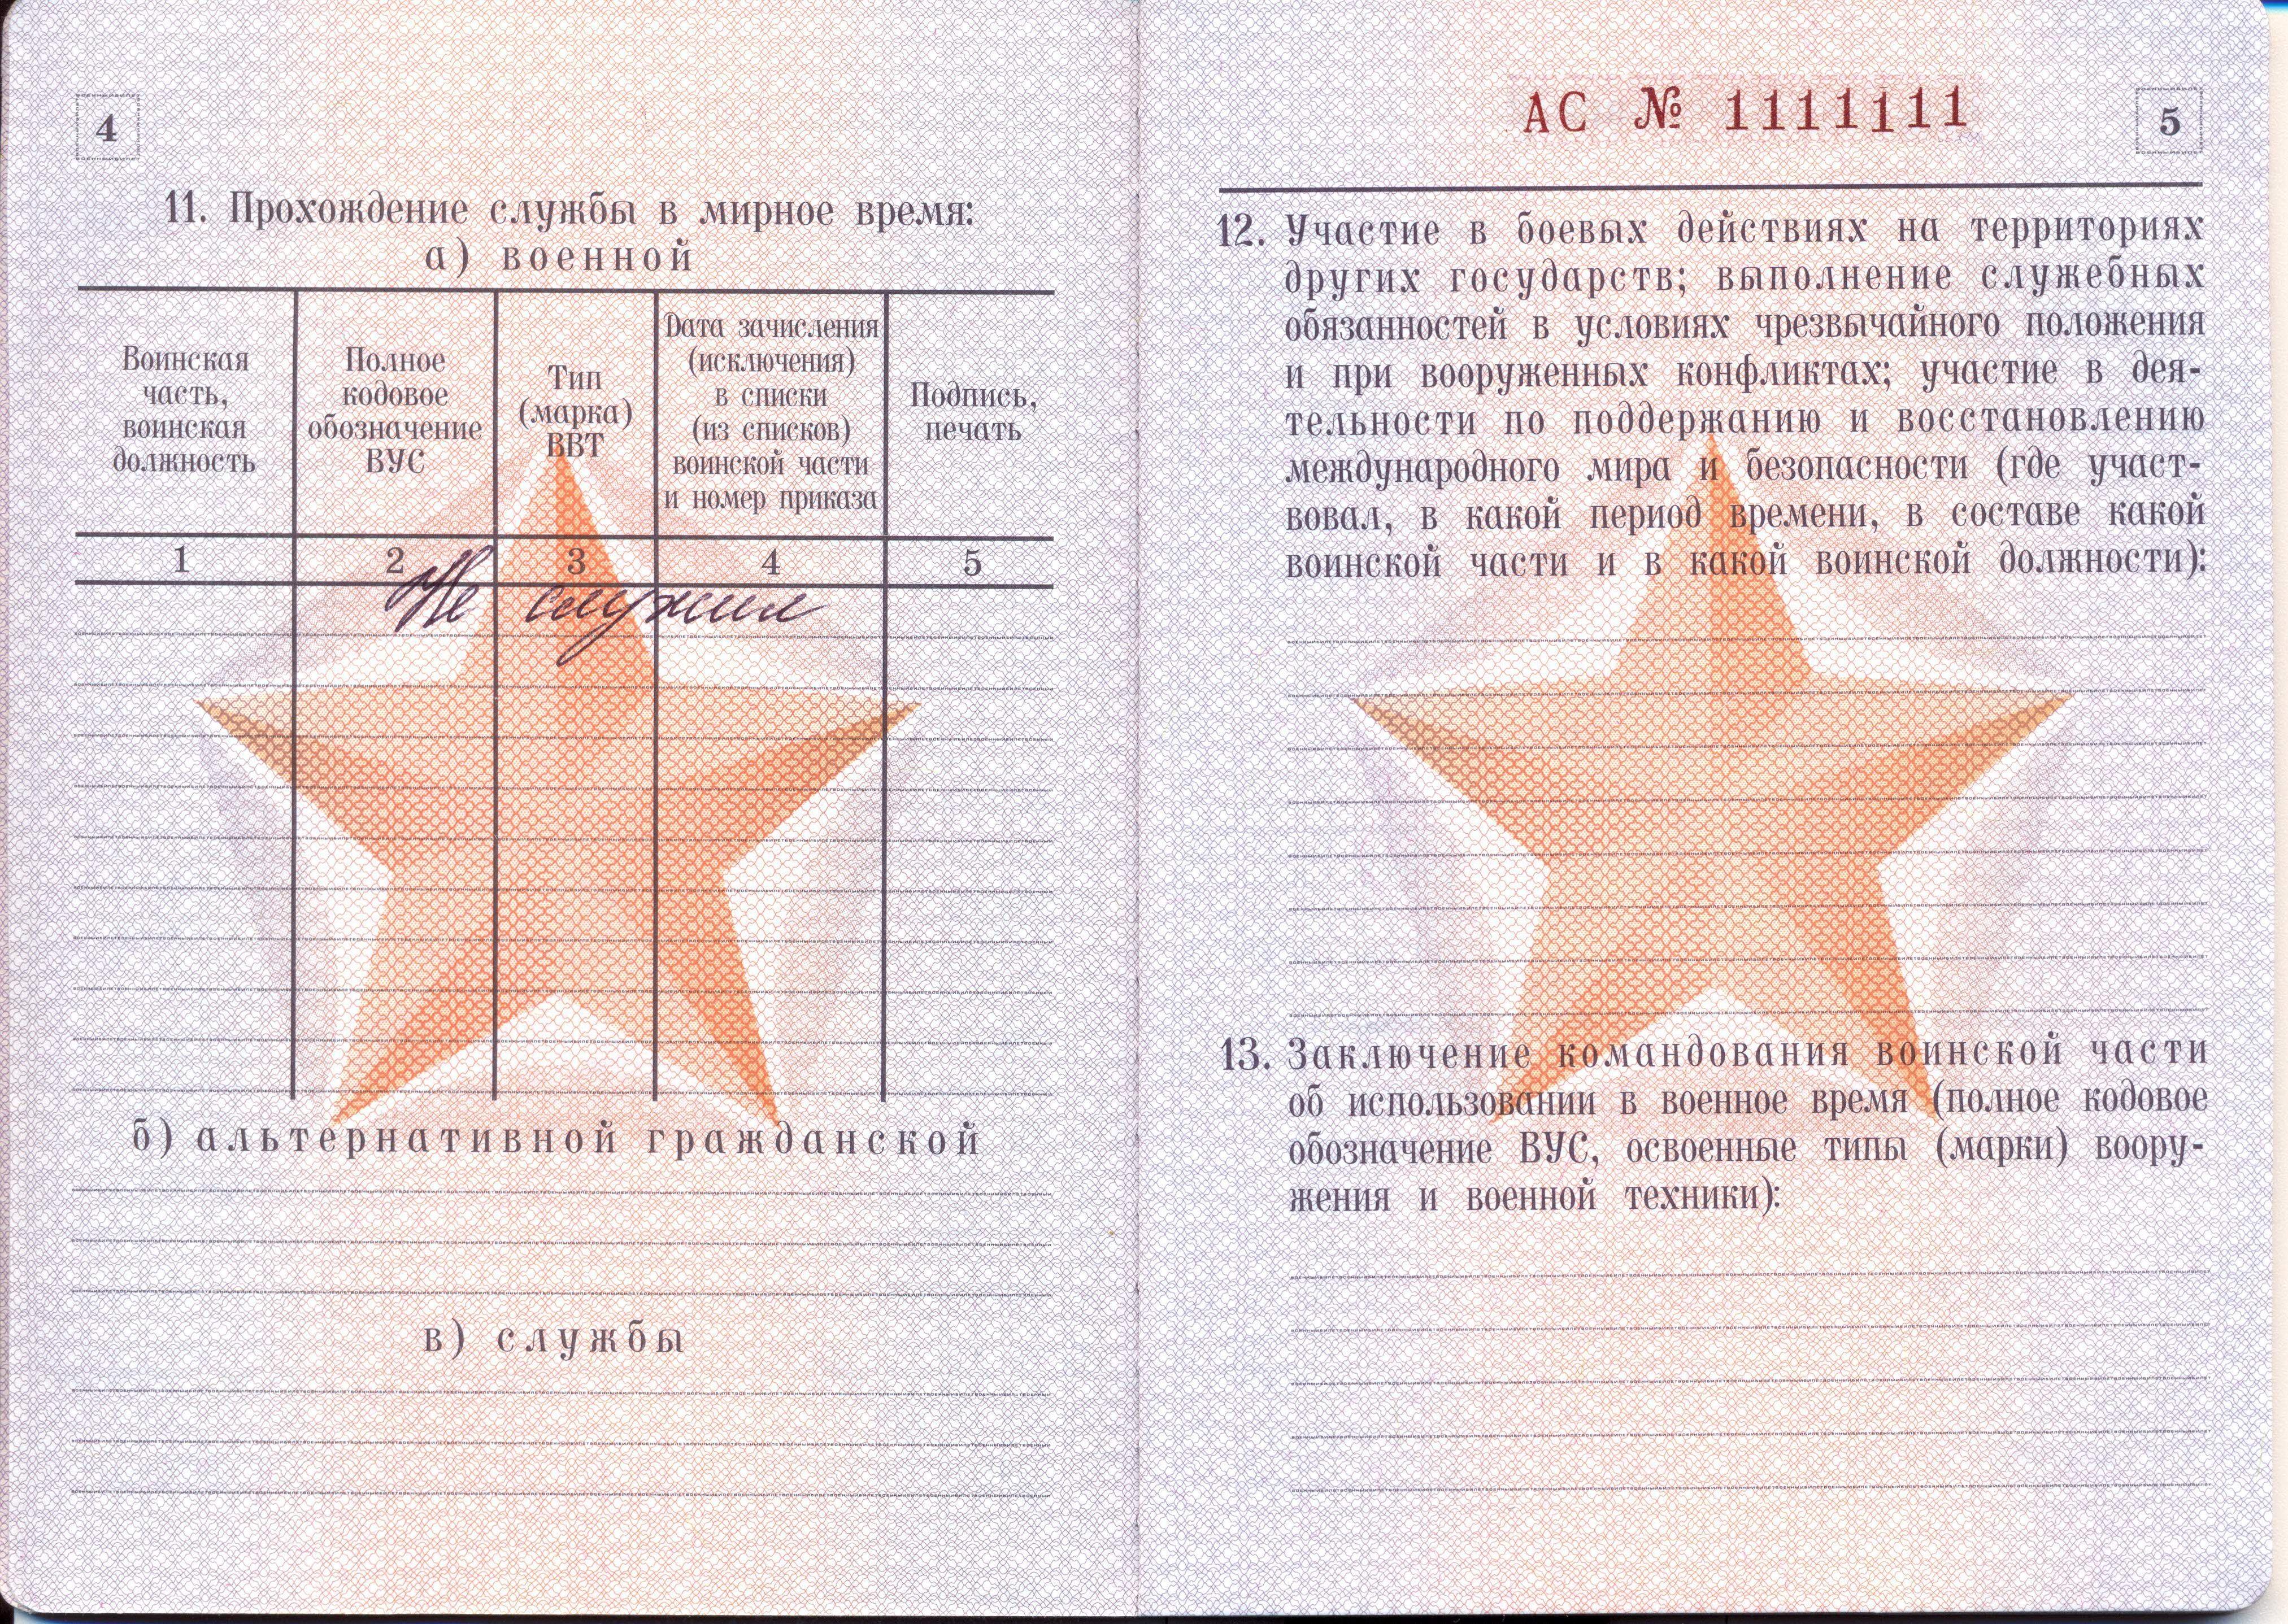 Страховая пенсия военного пенсионера в москве